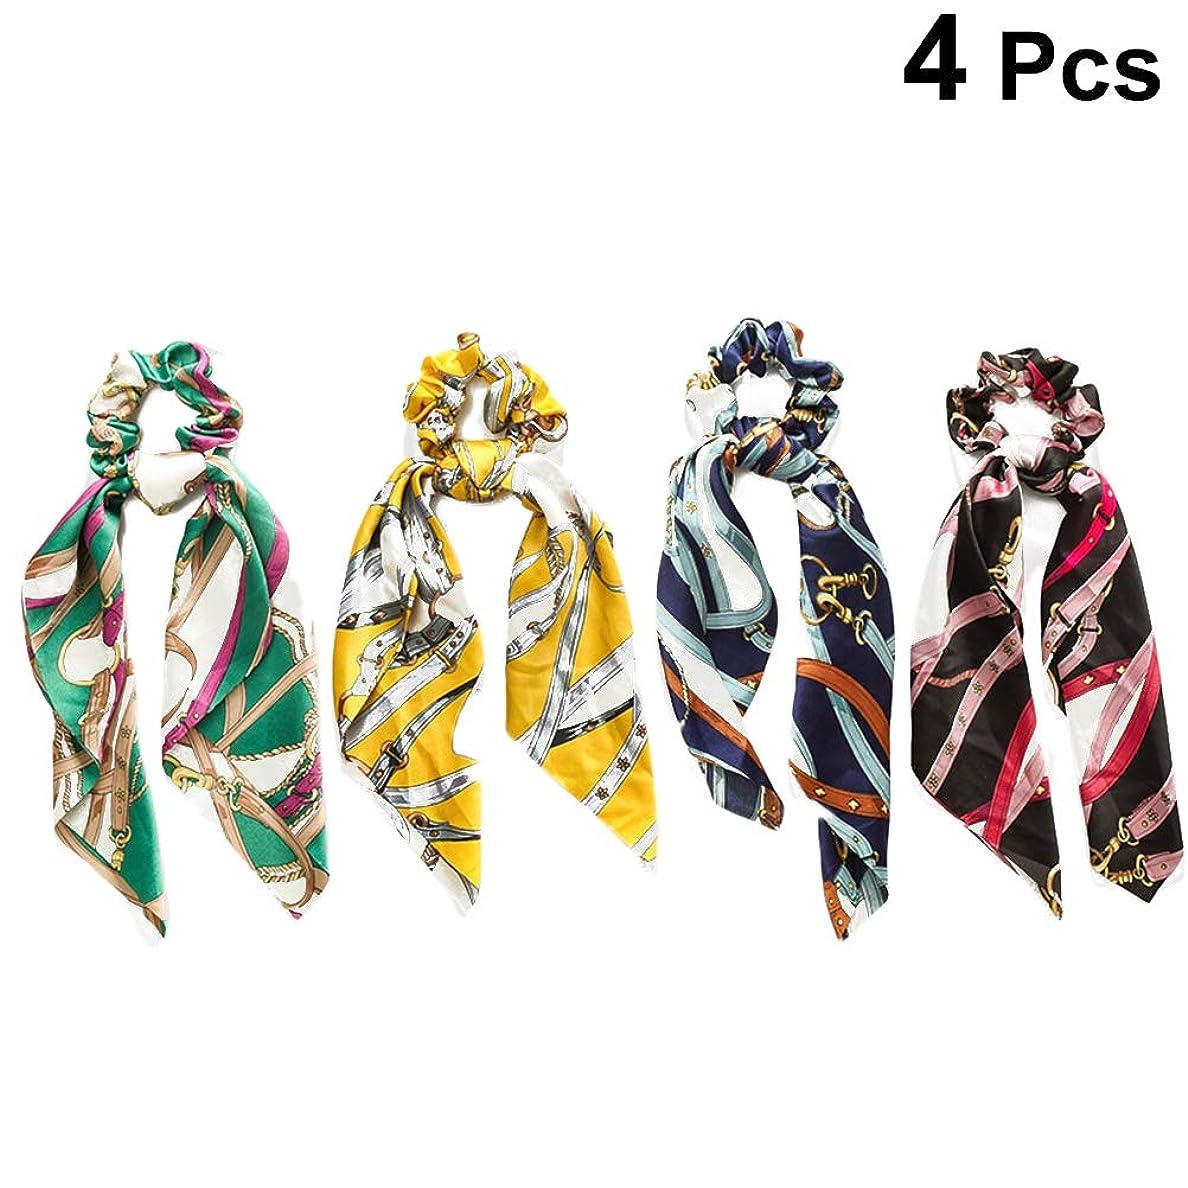 単位対万歳Lurrose リボン付きヘアバンドサテンちょう結びヘアゴムネクタイバンドポニーテールホルダーヘッドバンド4本